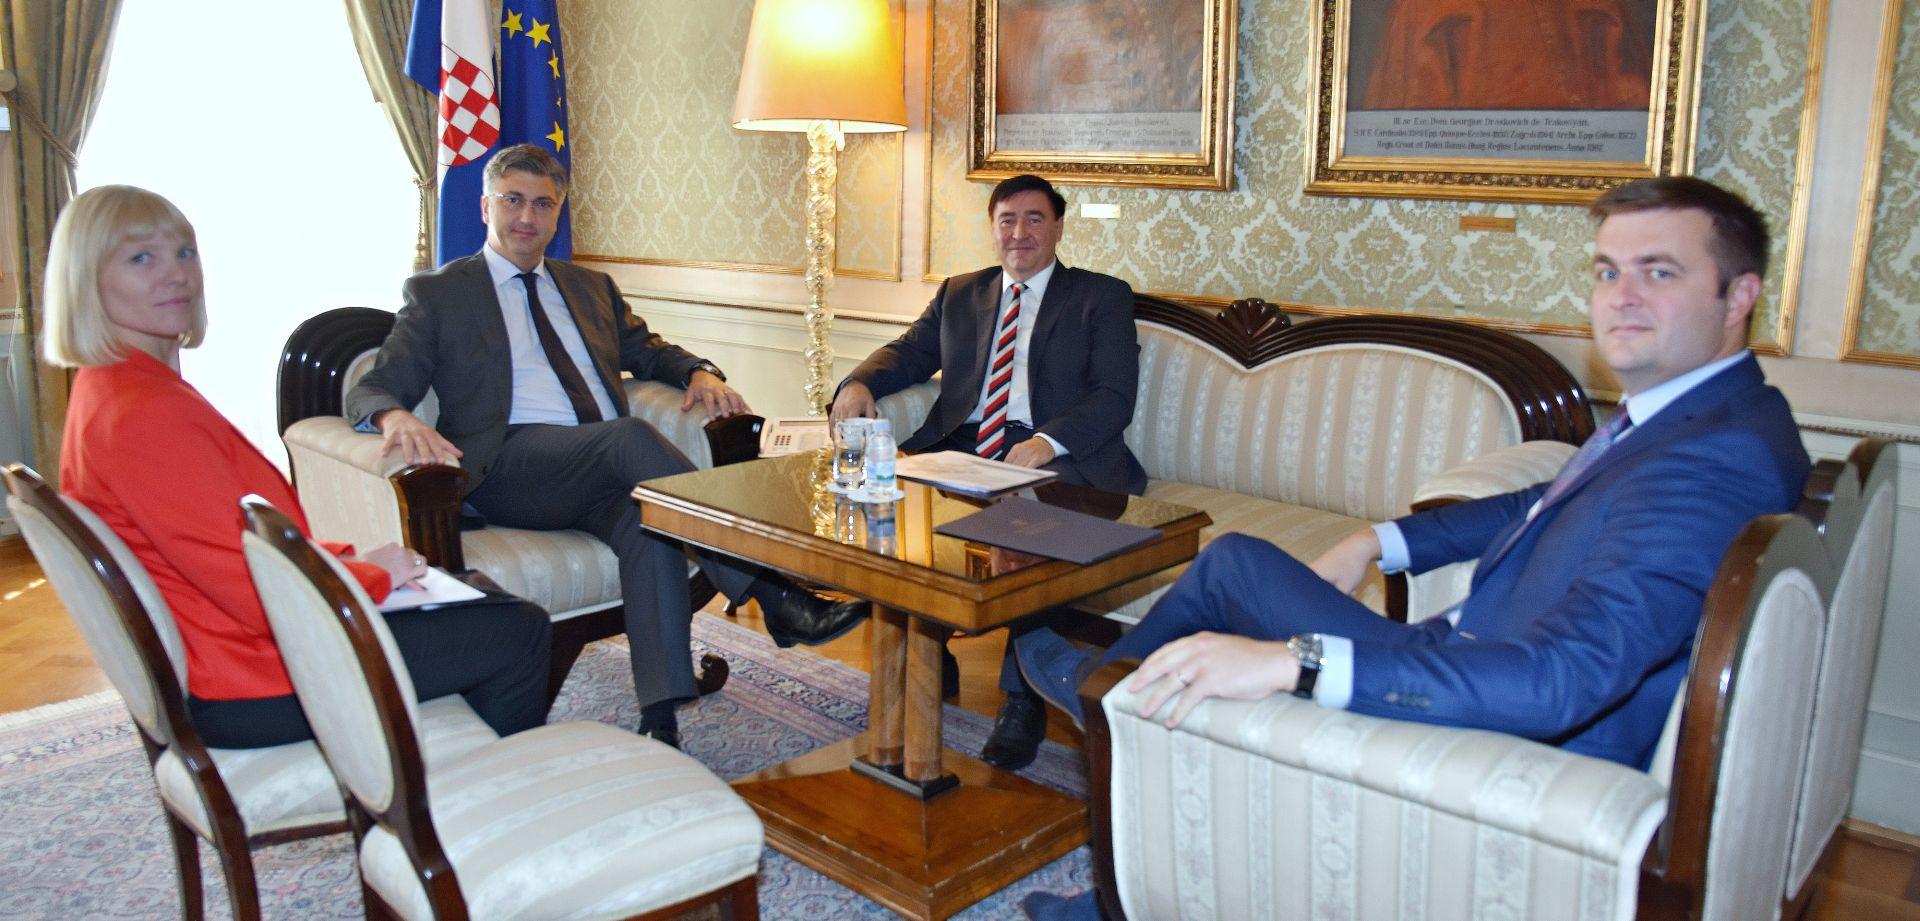 Plenković s predsjednikom Uprave Ine o budućnosti kompanije